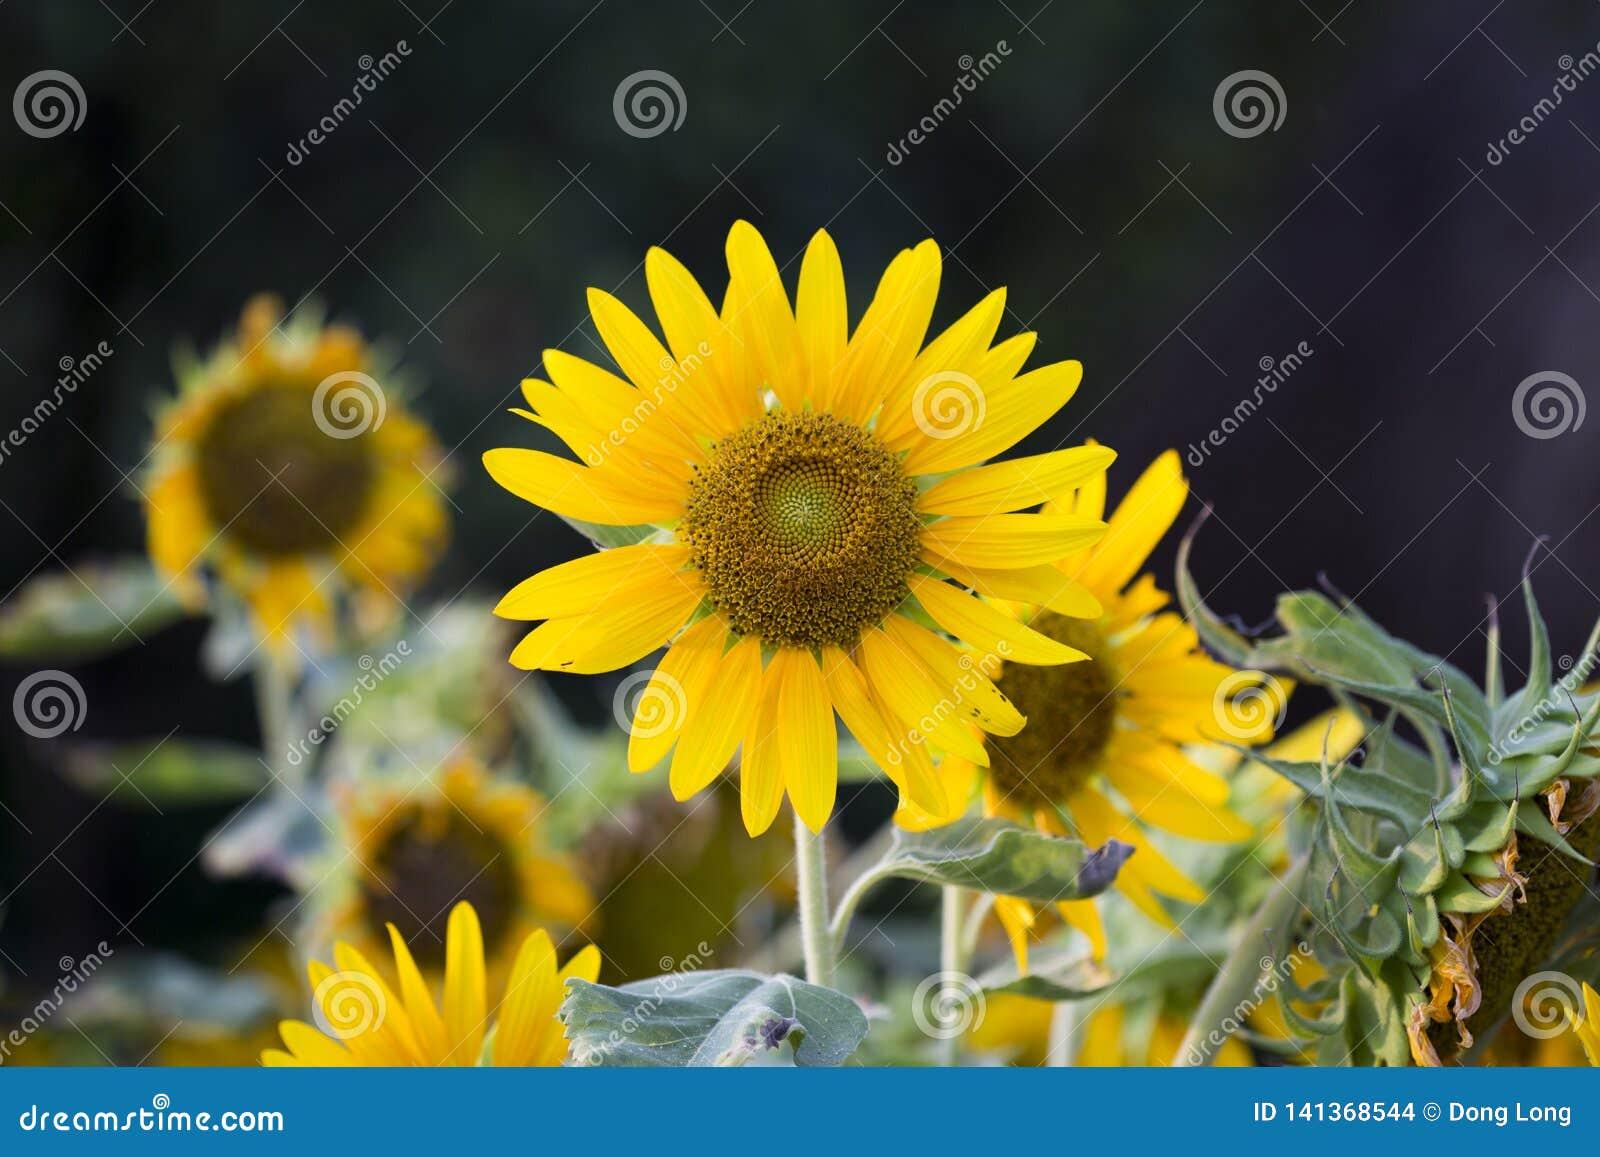 Felder von Sonnenblumen sind jetzt ein Common